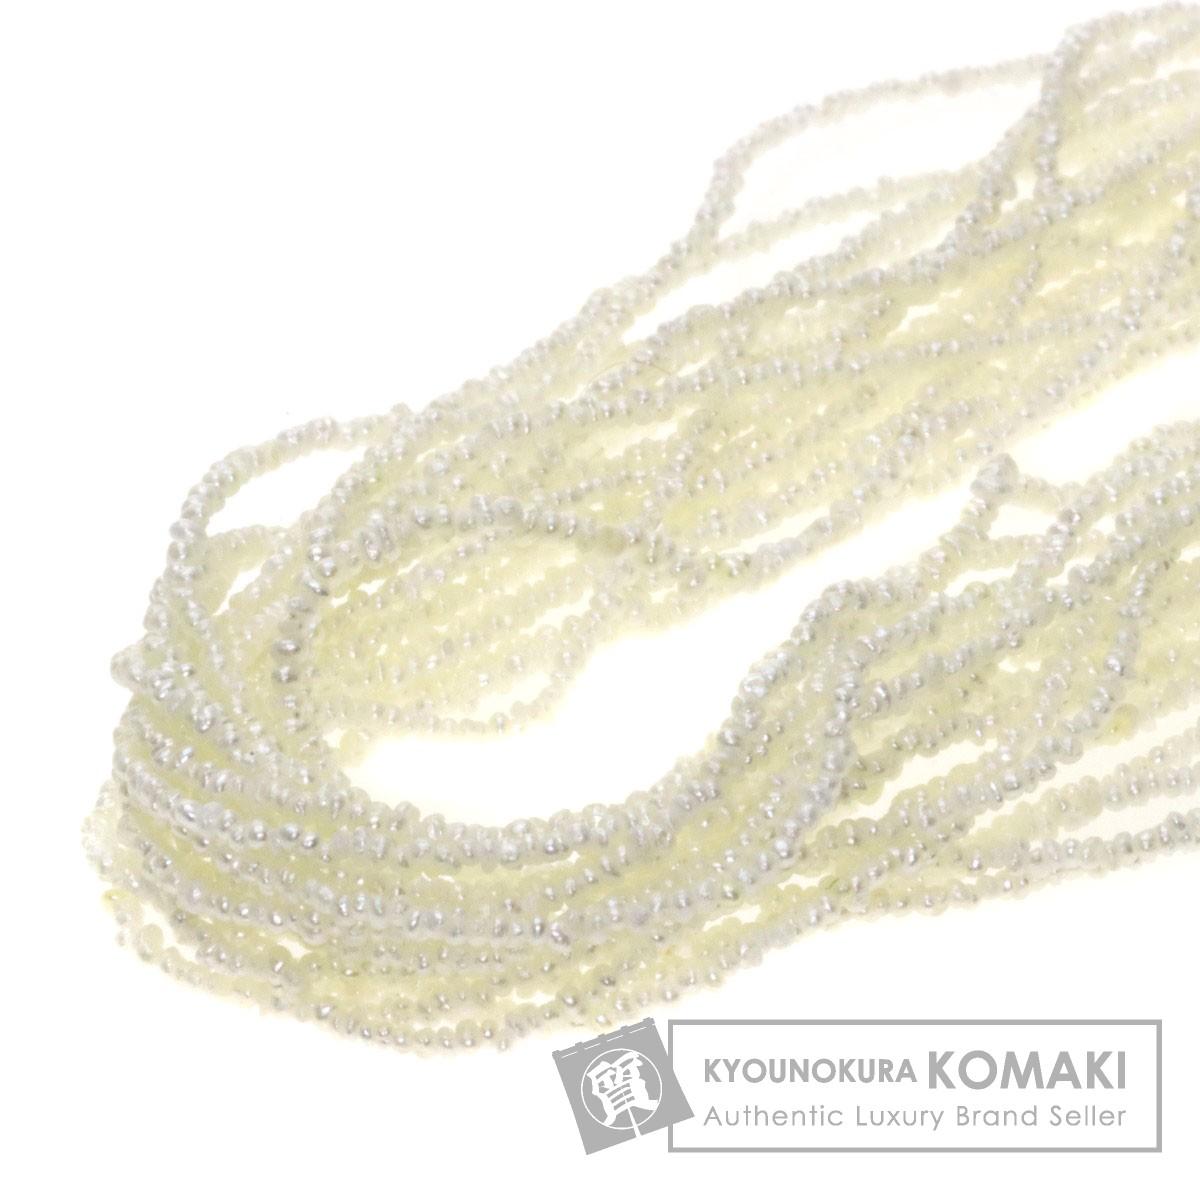 ケシパール/真珠 ネックレス シルバー 29.9g レディース 【中古】